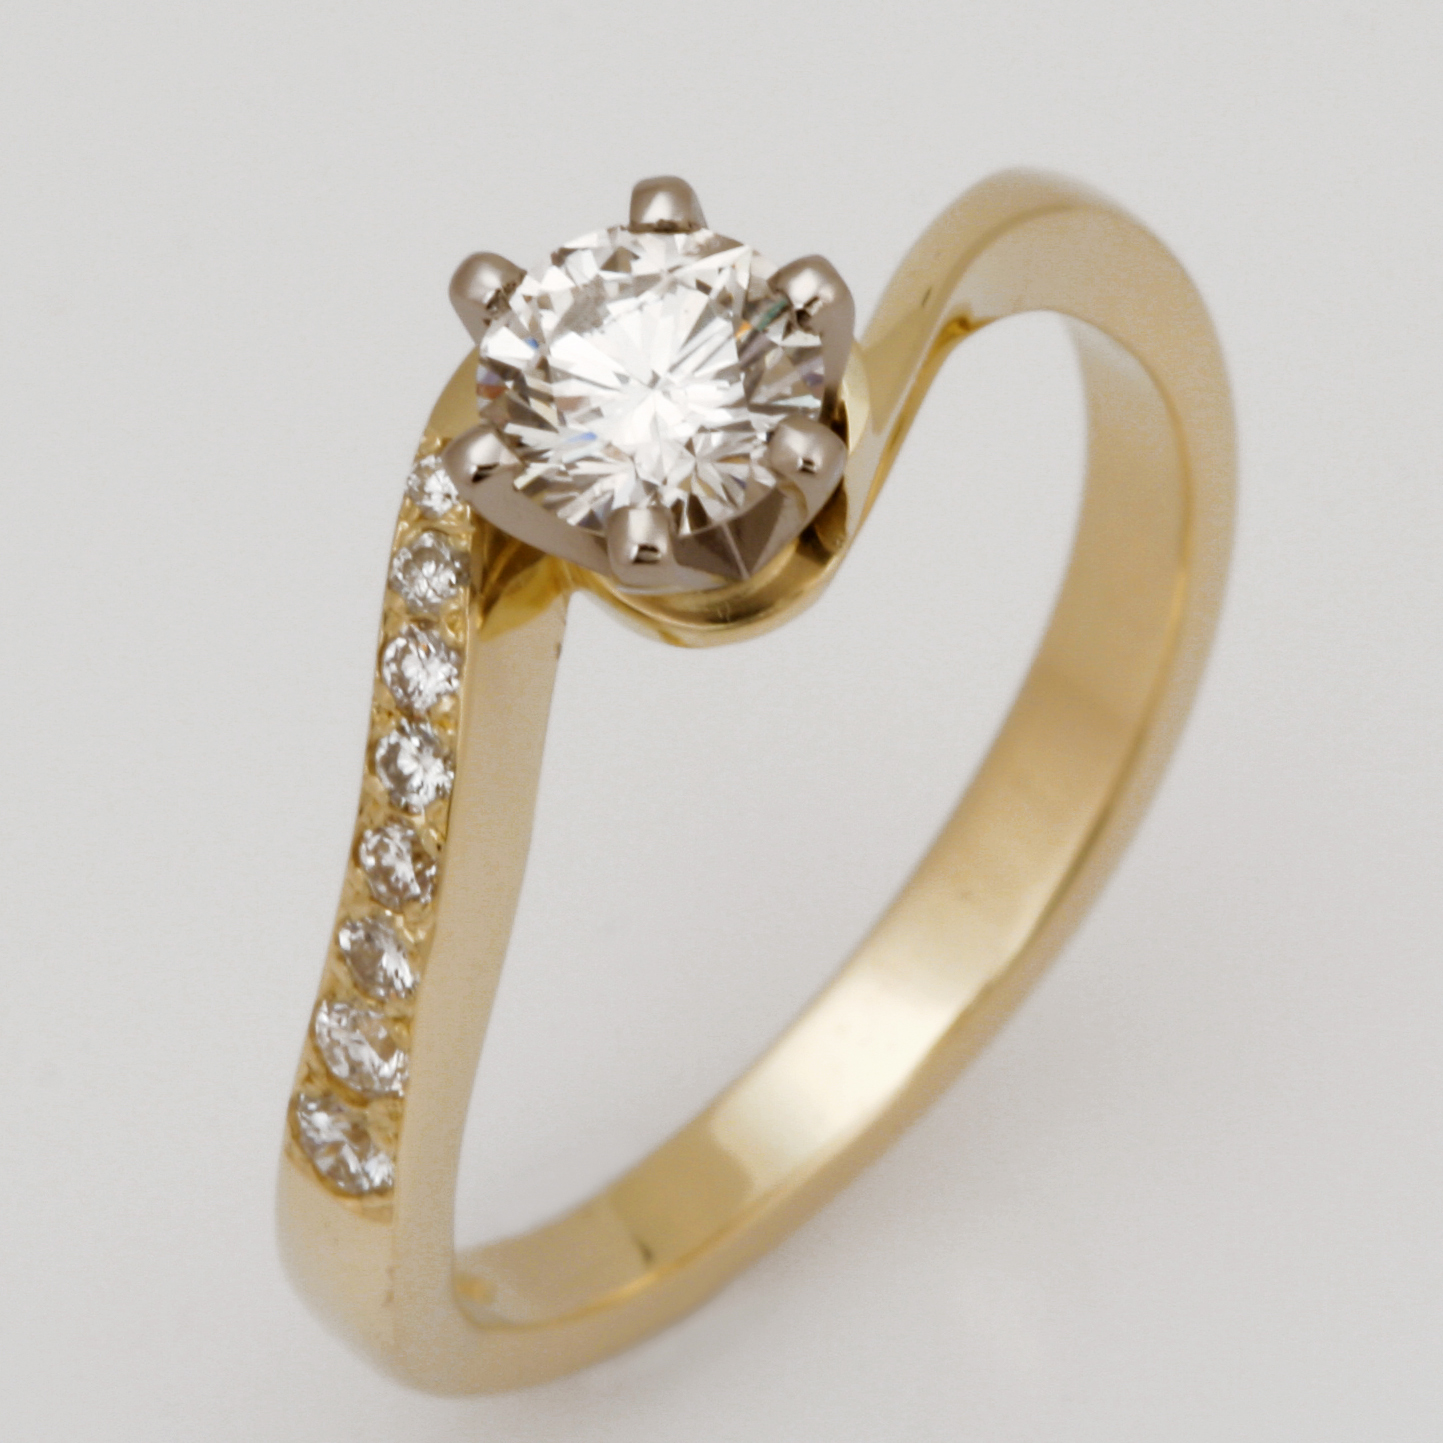 Handmade Ladies 14ct yellow gold and 18ct white gold diamond Engagement ring